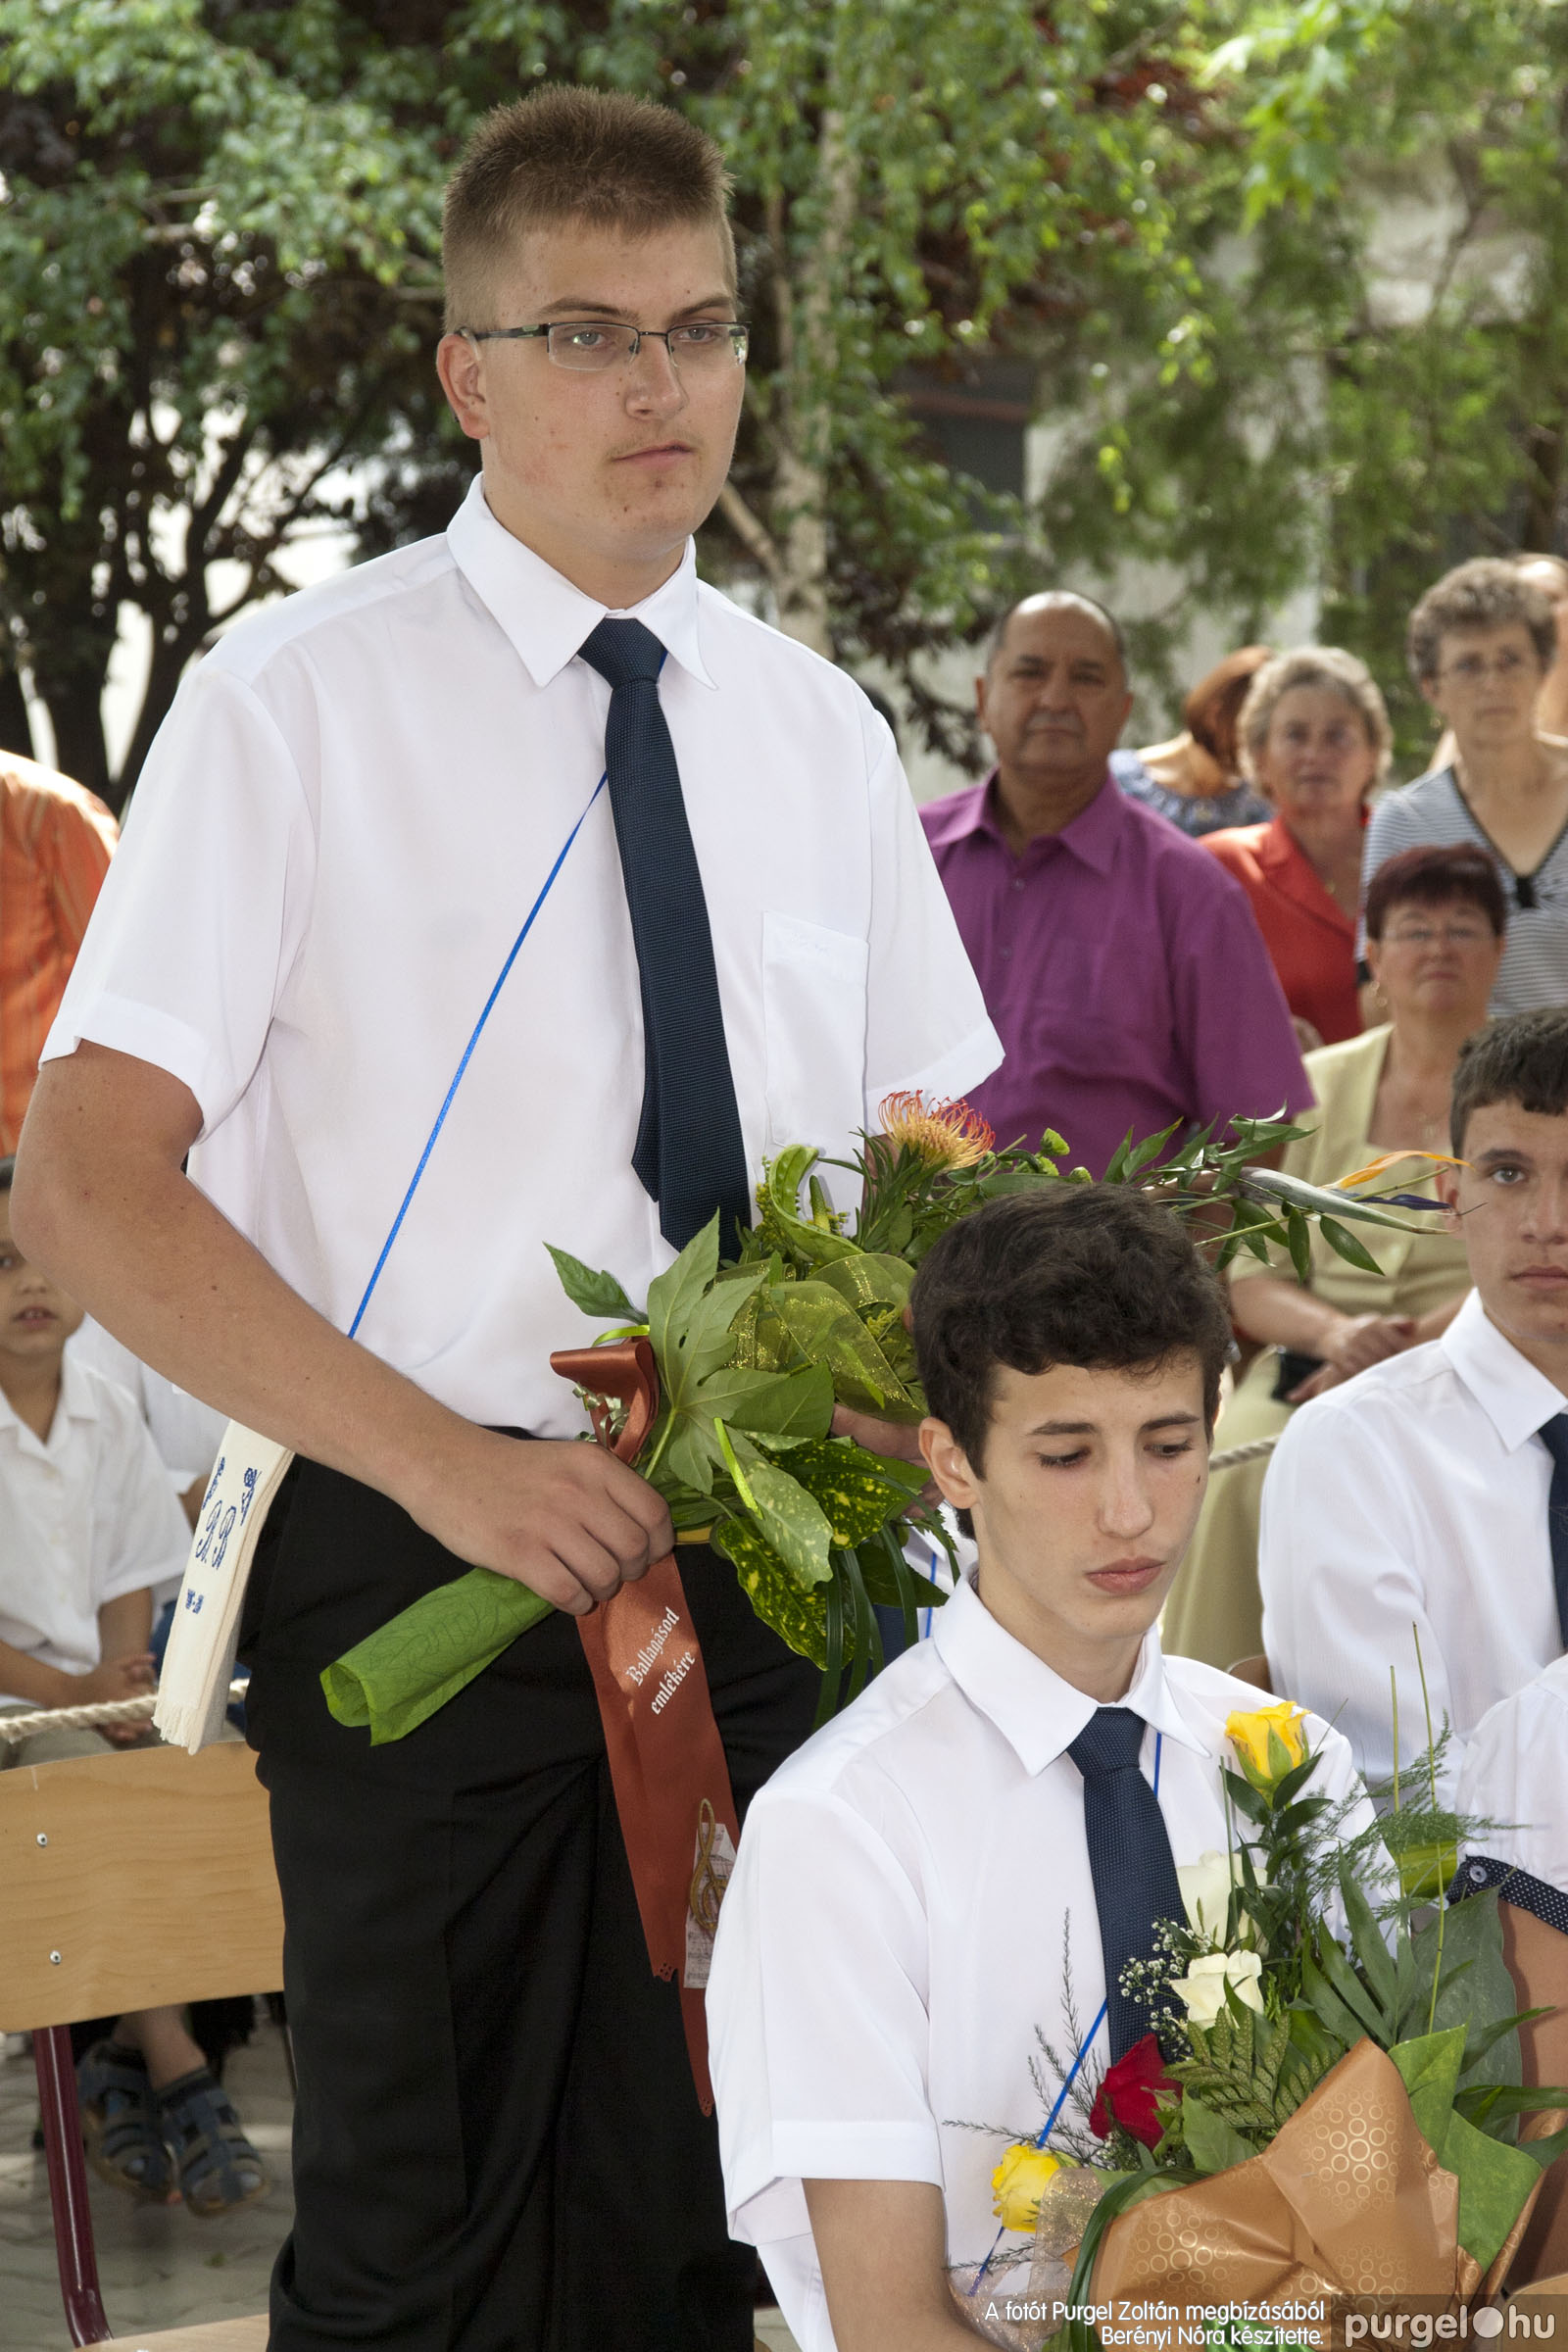 2014.06.14. 217 Forray Máté Általános Iskola ballagás 2014. - Fotó:BERÉNYI NÓRA© _MG_5864.jpg